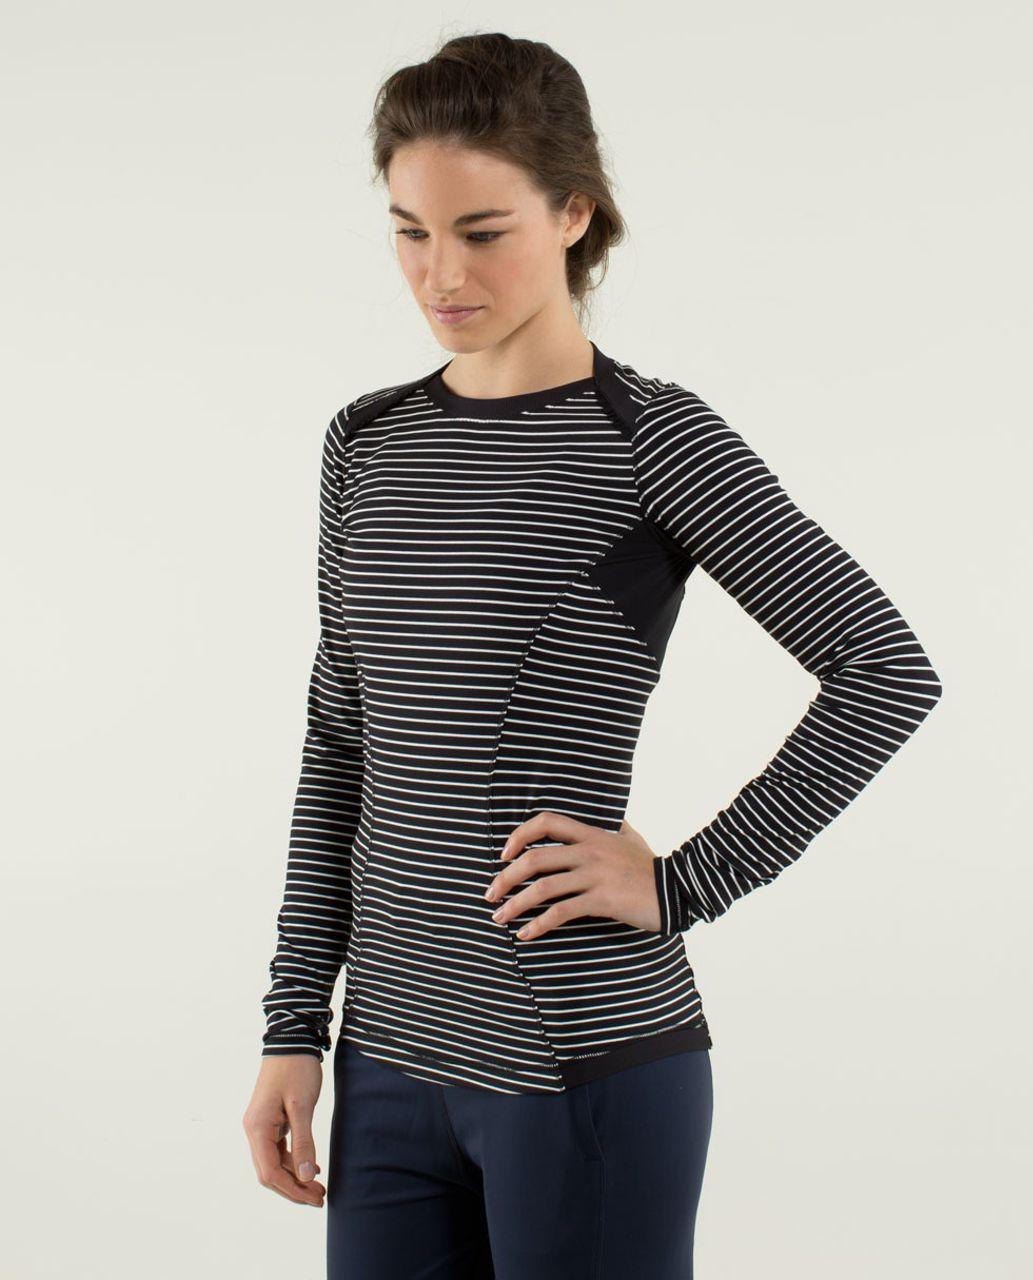 Lululemon Base Runner Long Sleeve - Parallel Stripe Black White / Black